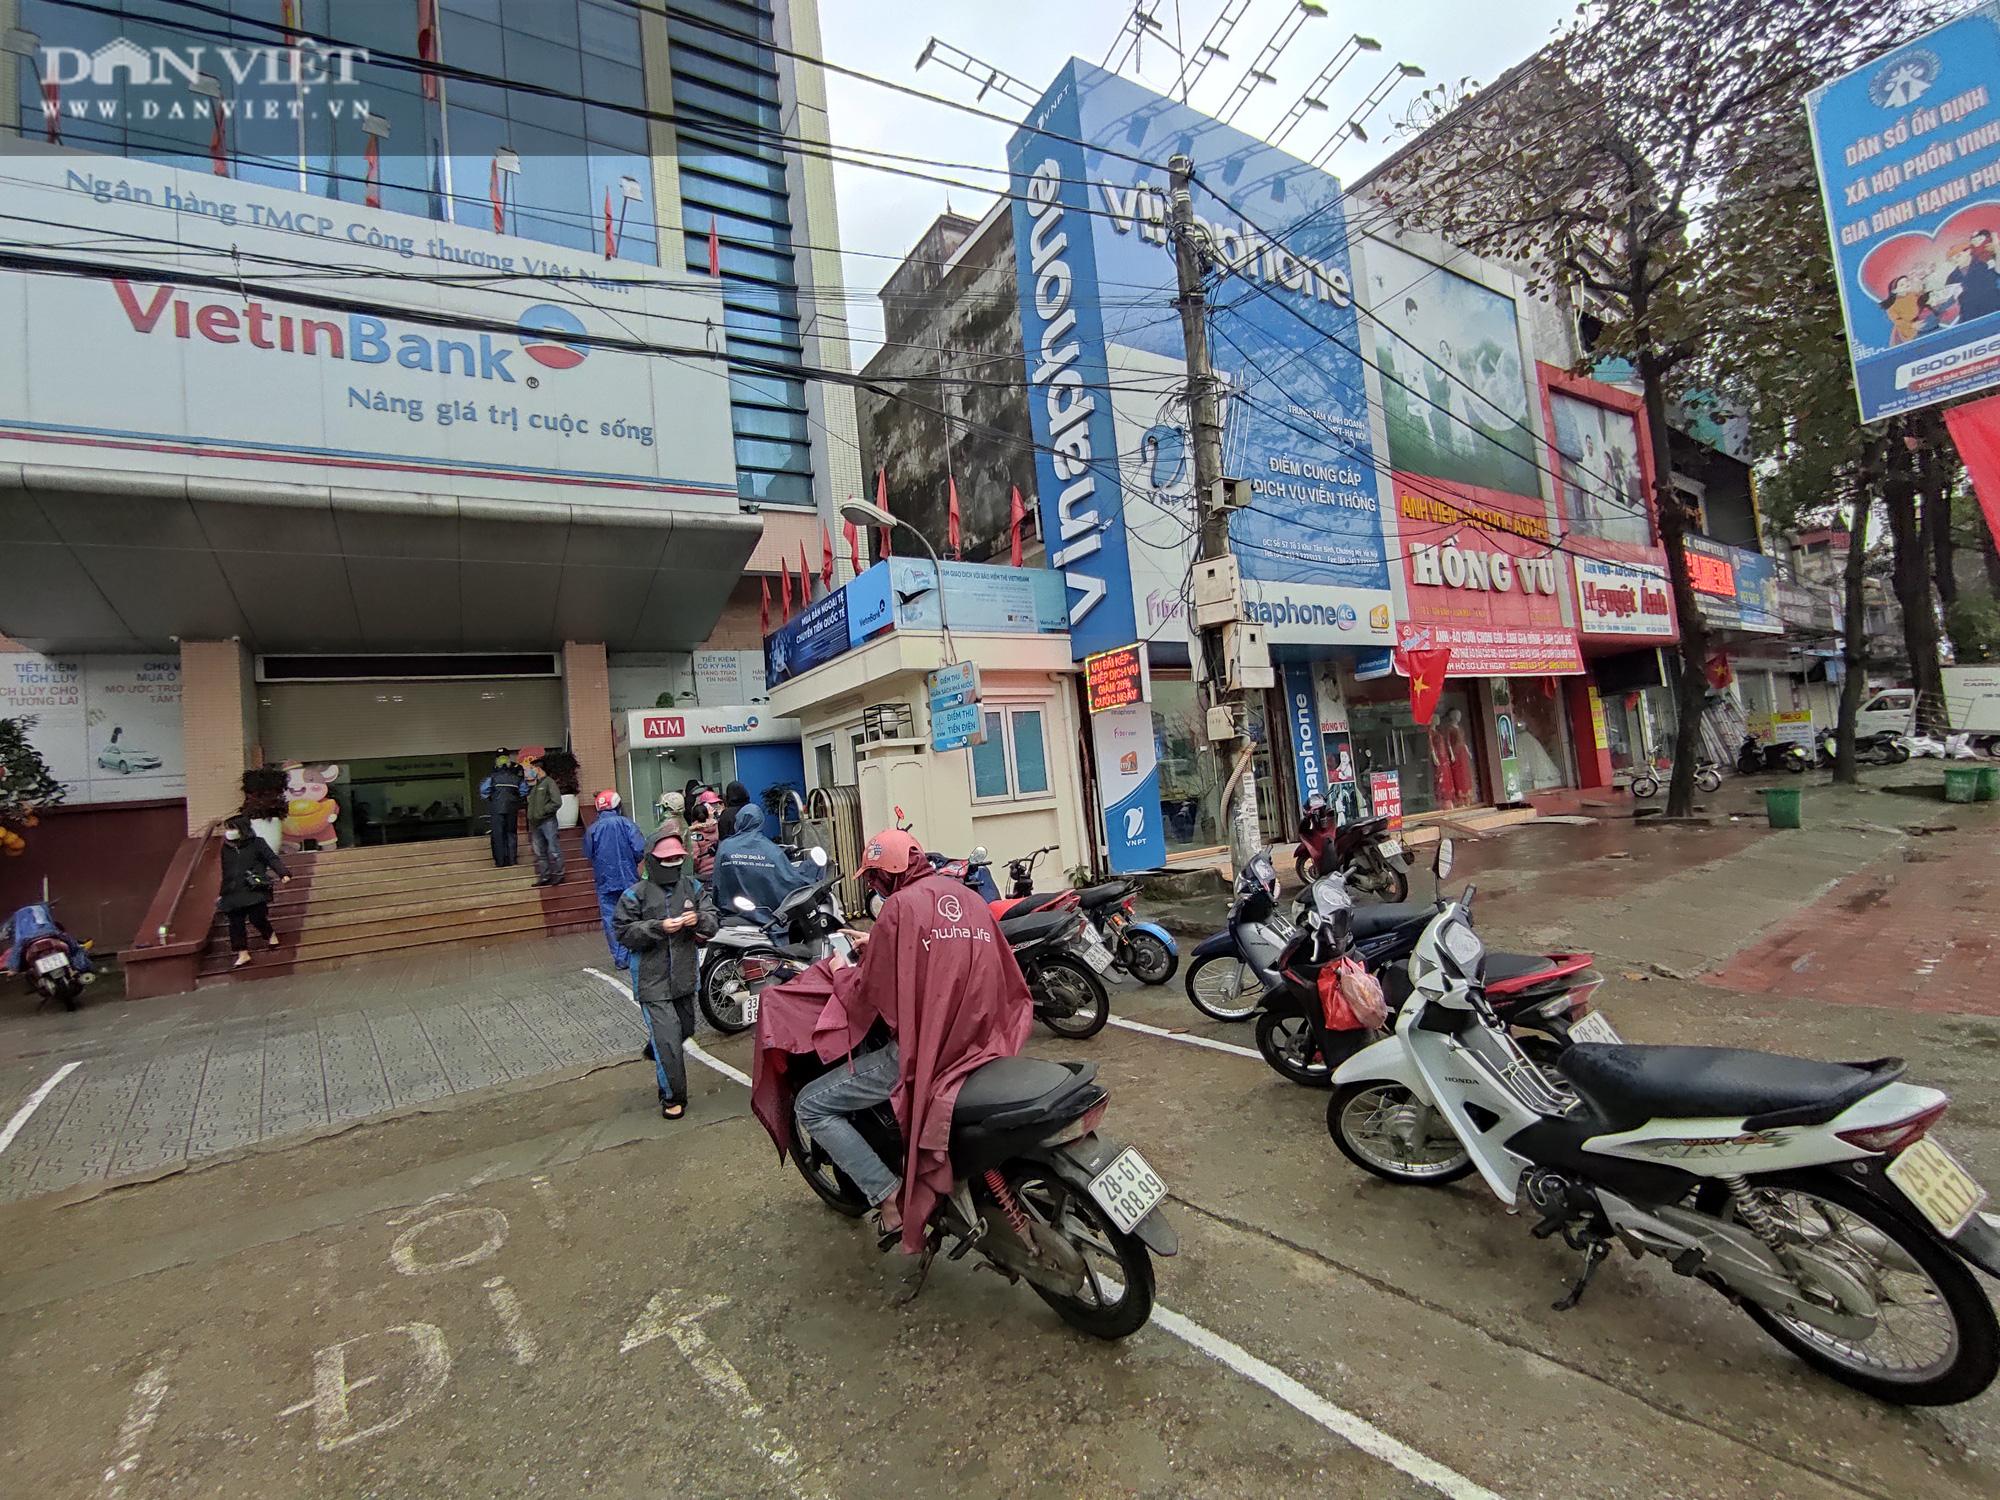 Công nhân đội mưa, xếp hàng dài rút tiền ở cây ATM ngày cận Tết Nguyên đán 2021 - Ảnh 15.